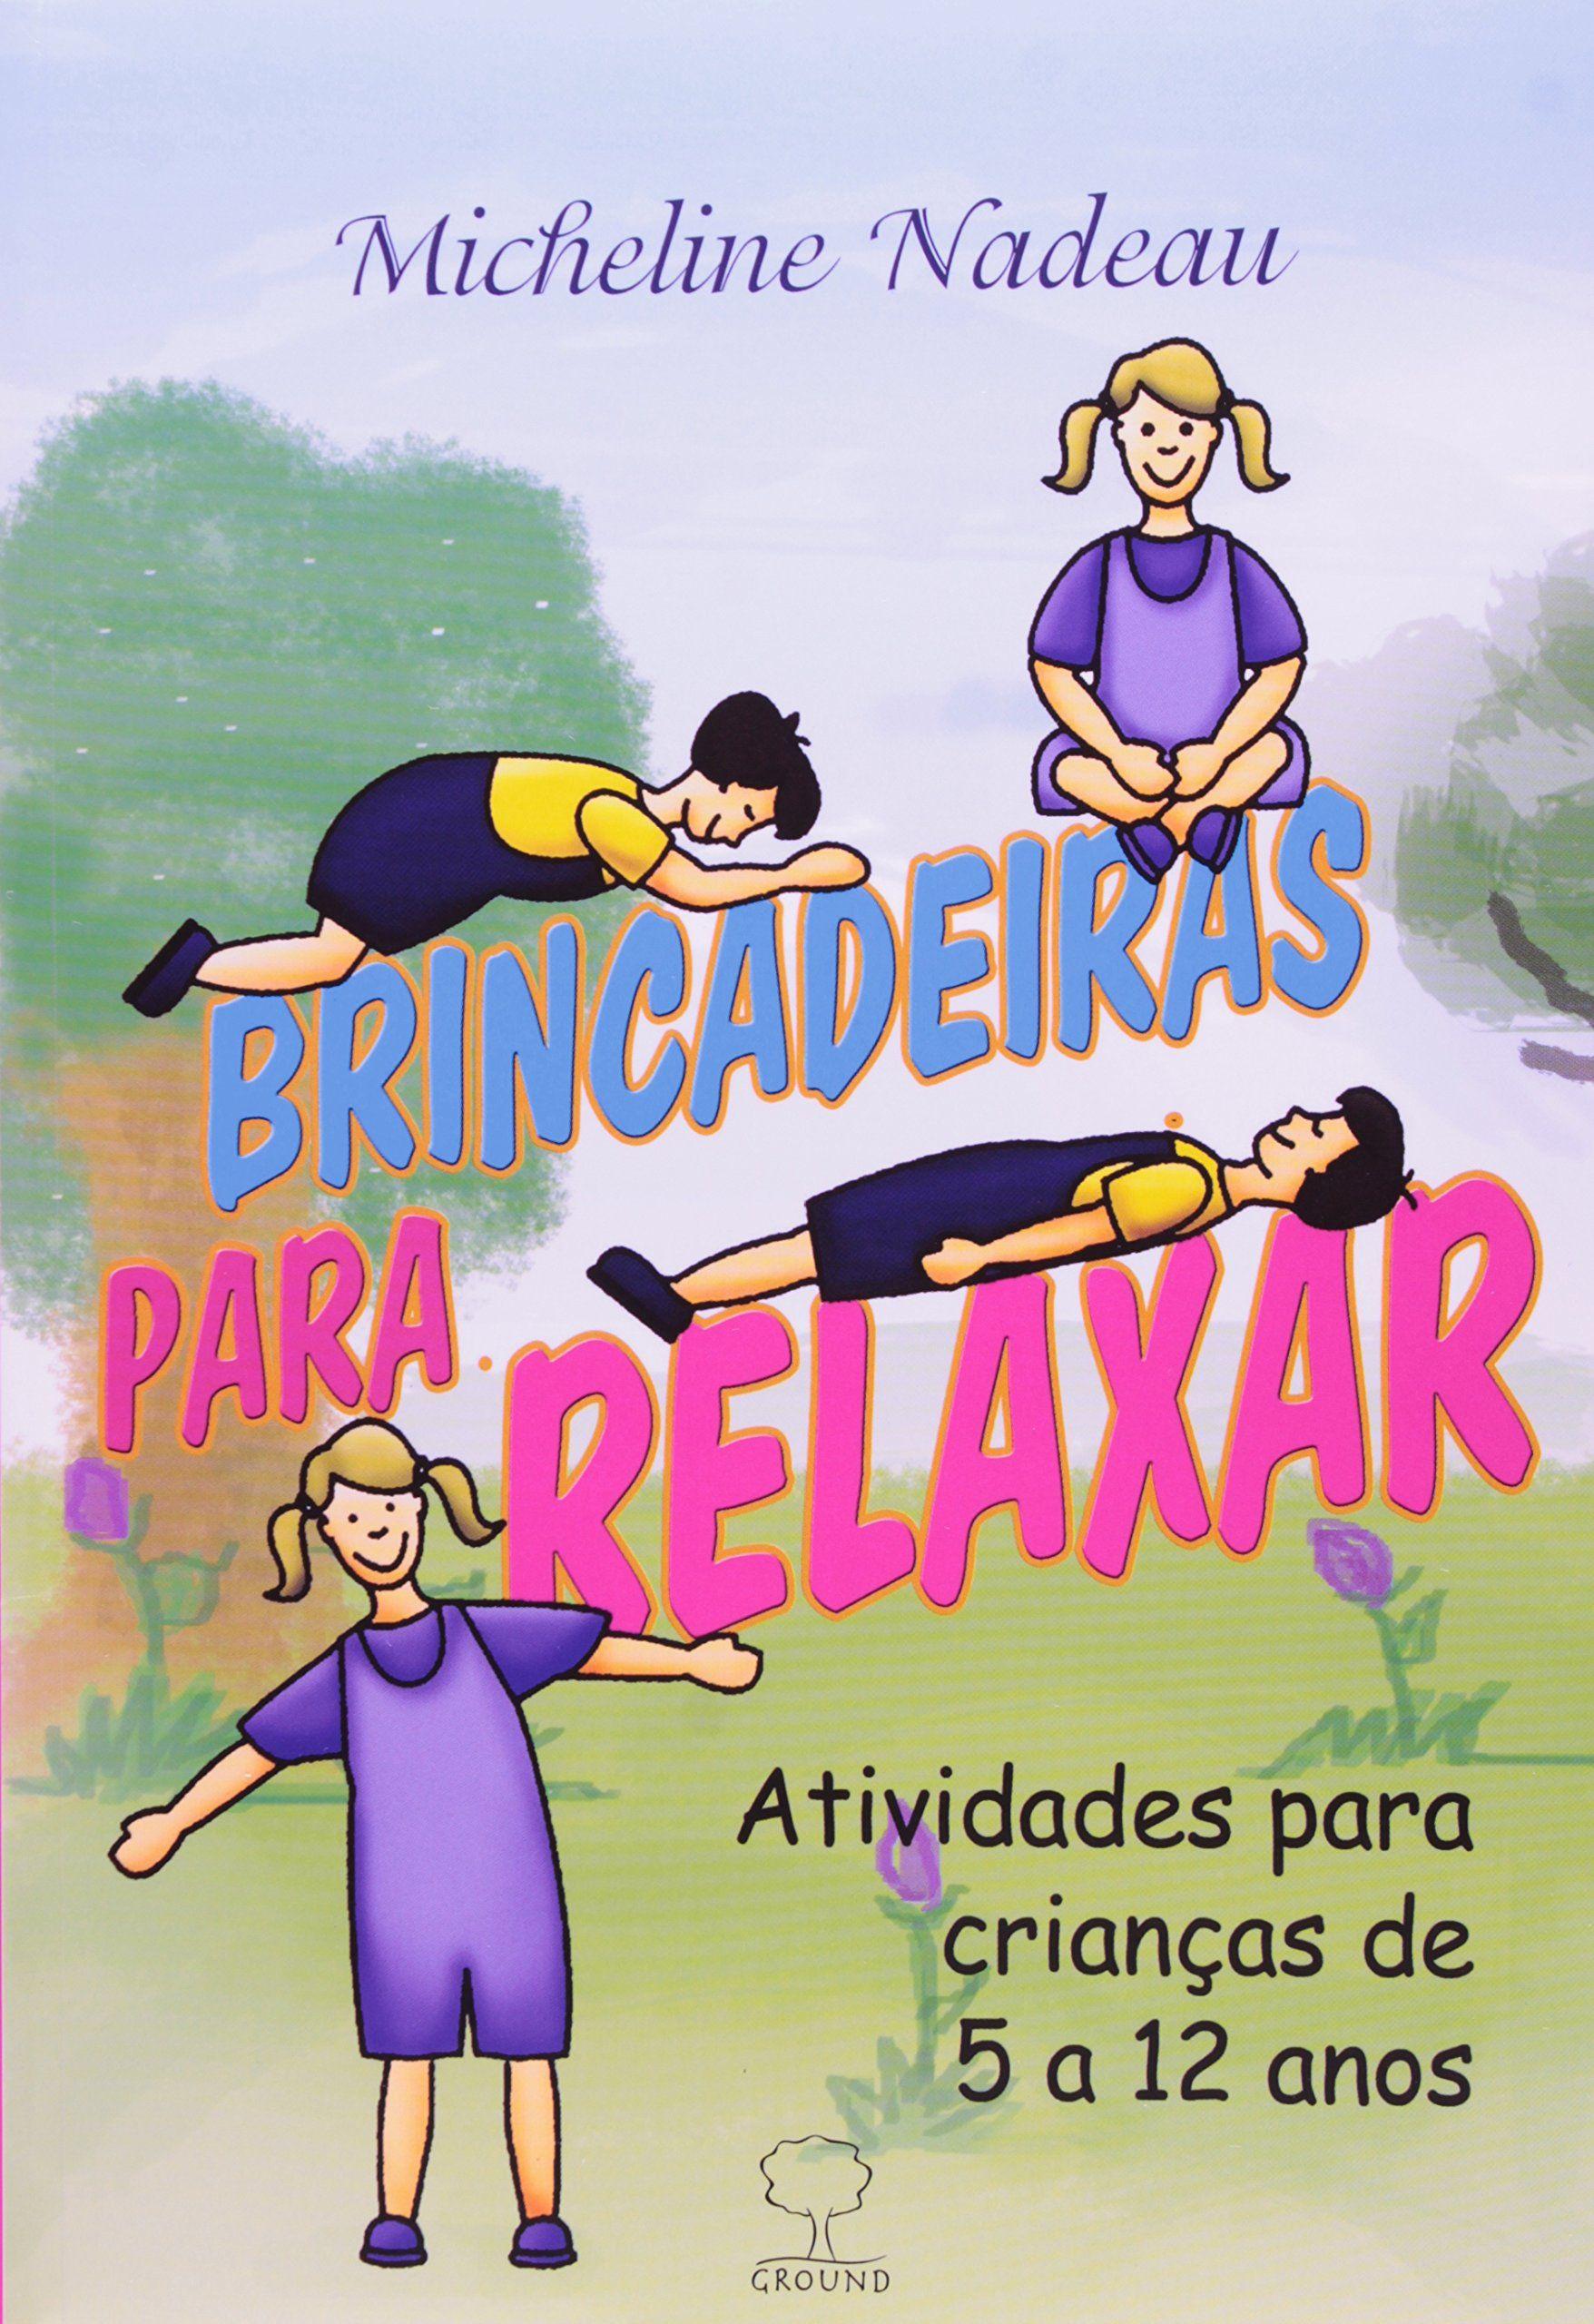 Brincadeiras Para Relaxar. Atividades Para Crianças de 5 a 12 Anos PDF Micheline Nadeau